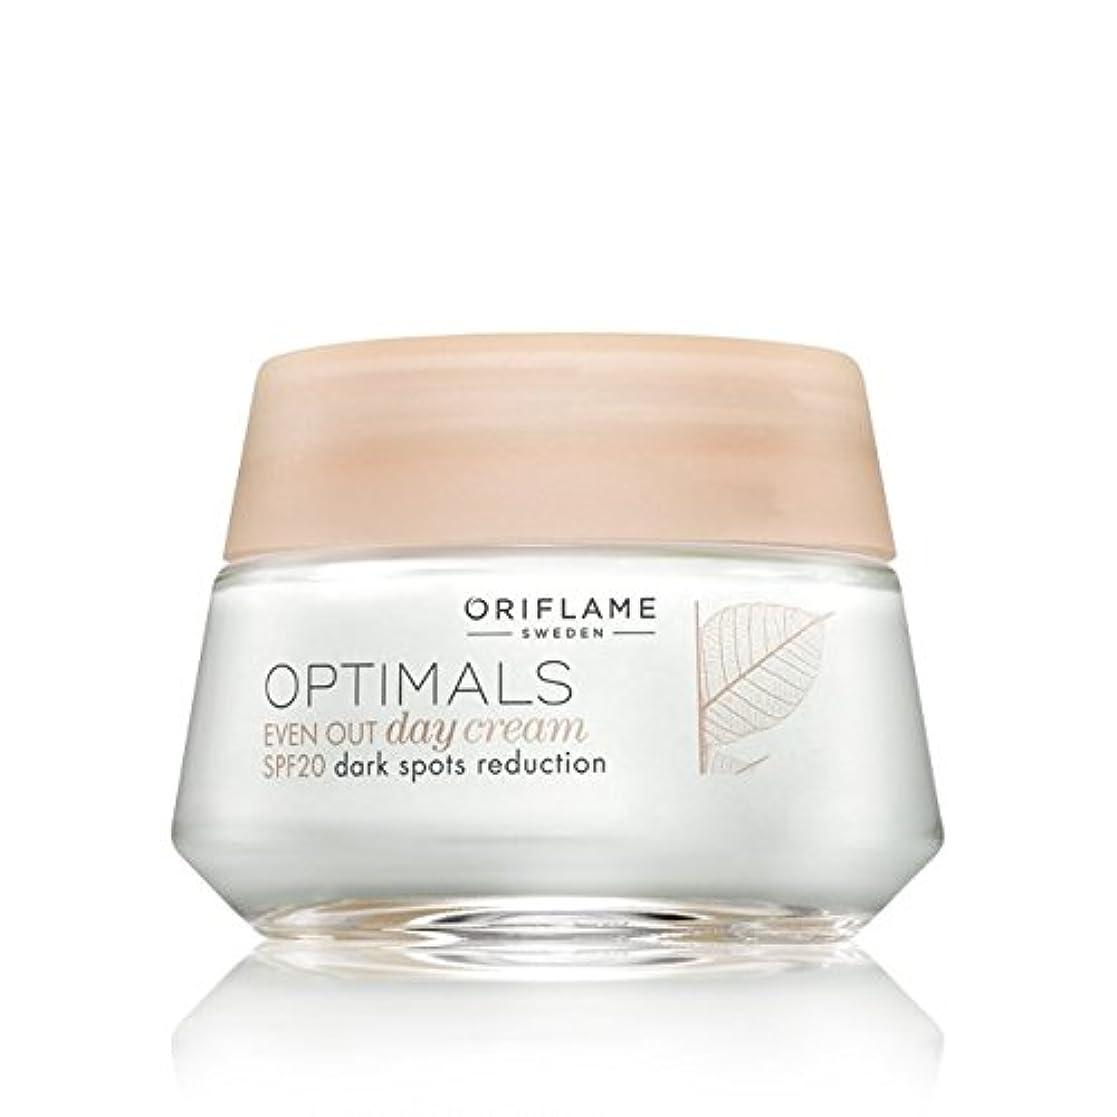 積極的に作り上げるオーラルOriflame Optimals SPF 20 Dark Spot Reduction Even Out Day Cream, 50ml